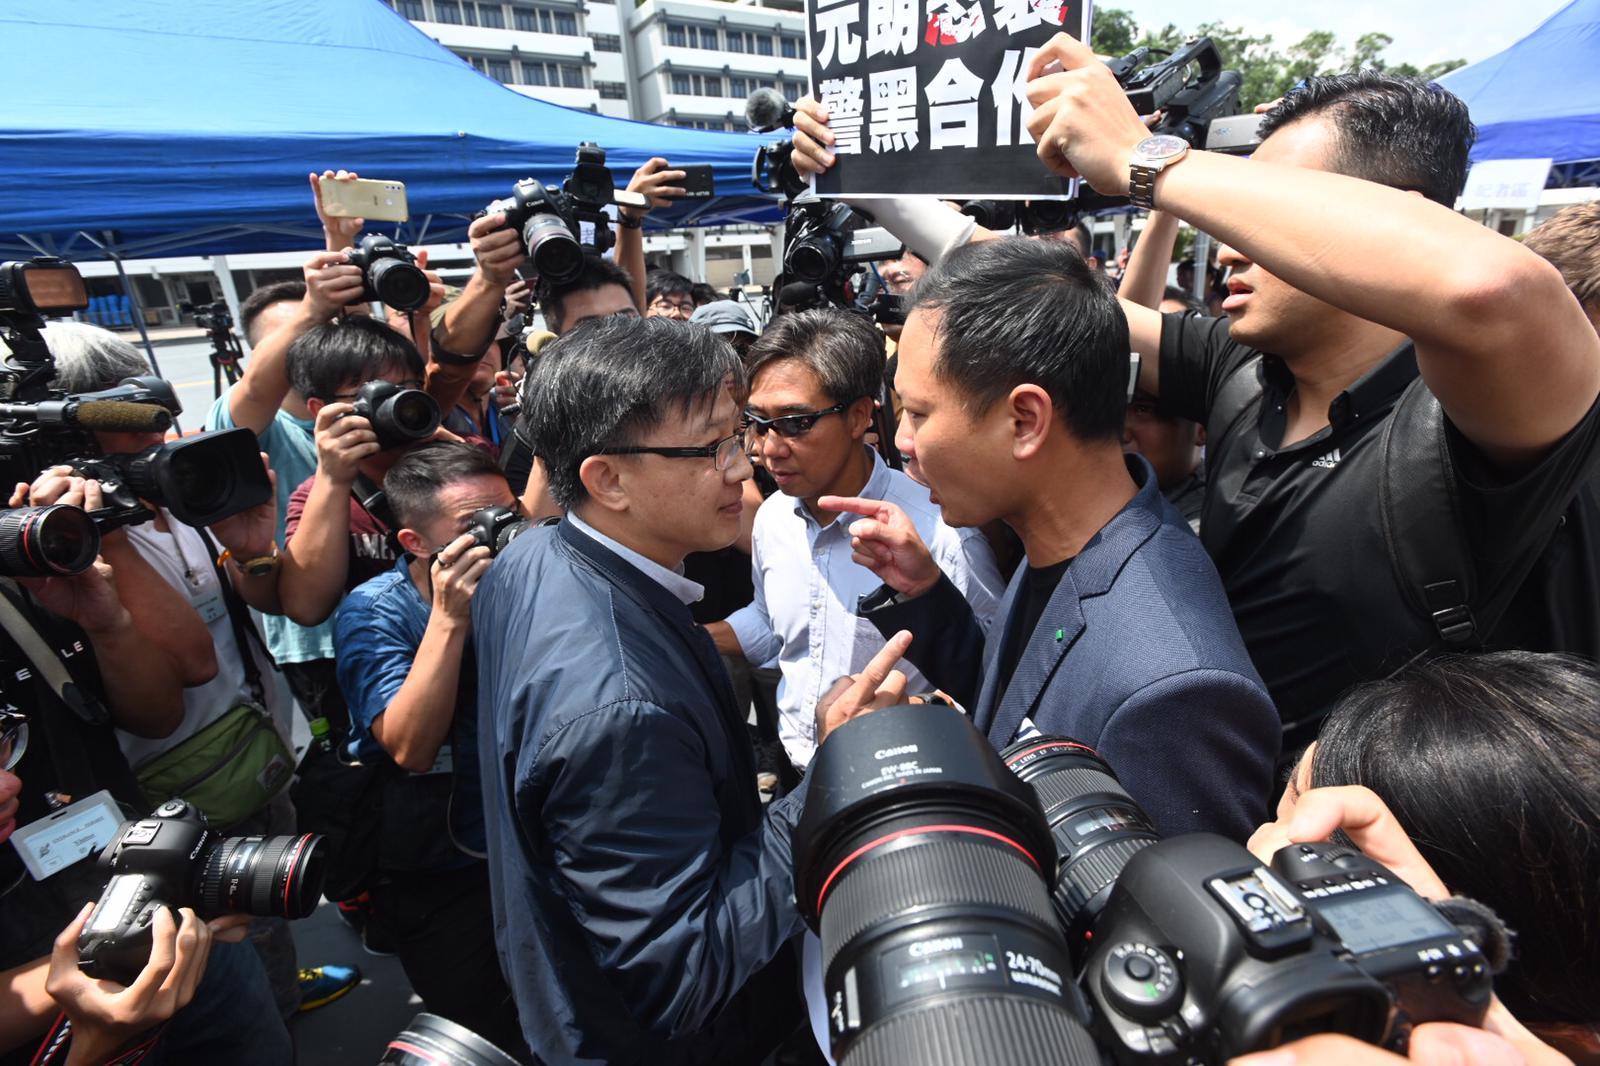 民主派議員與何君堯(左)發生口角。